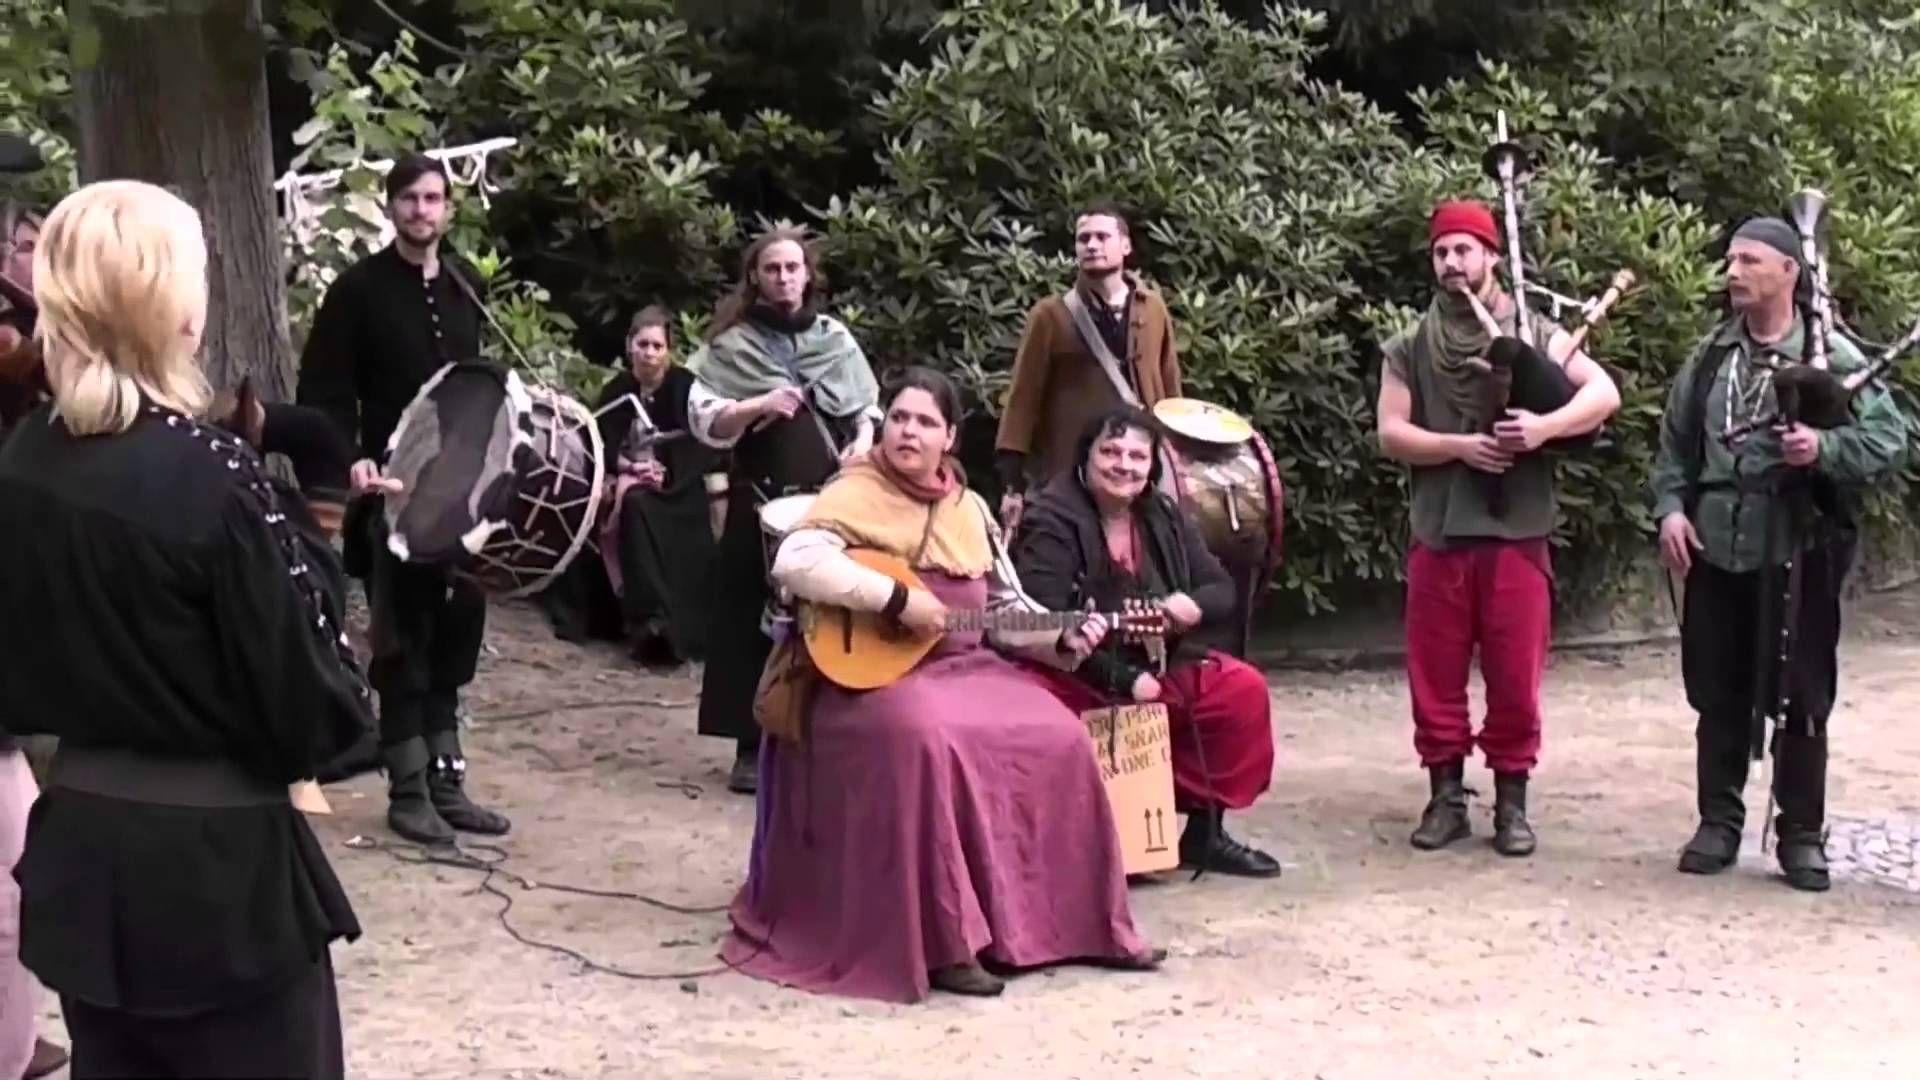 Mittelaltermarkt Zeven 2014 - Impressionen und Dudelorgie, Video von Docatius